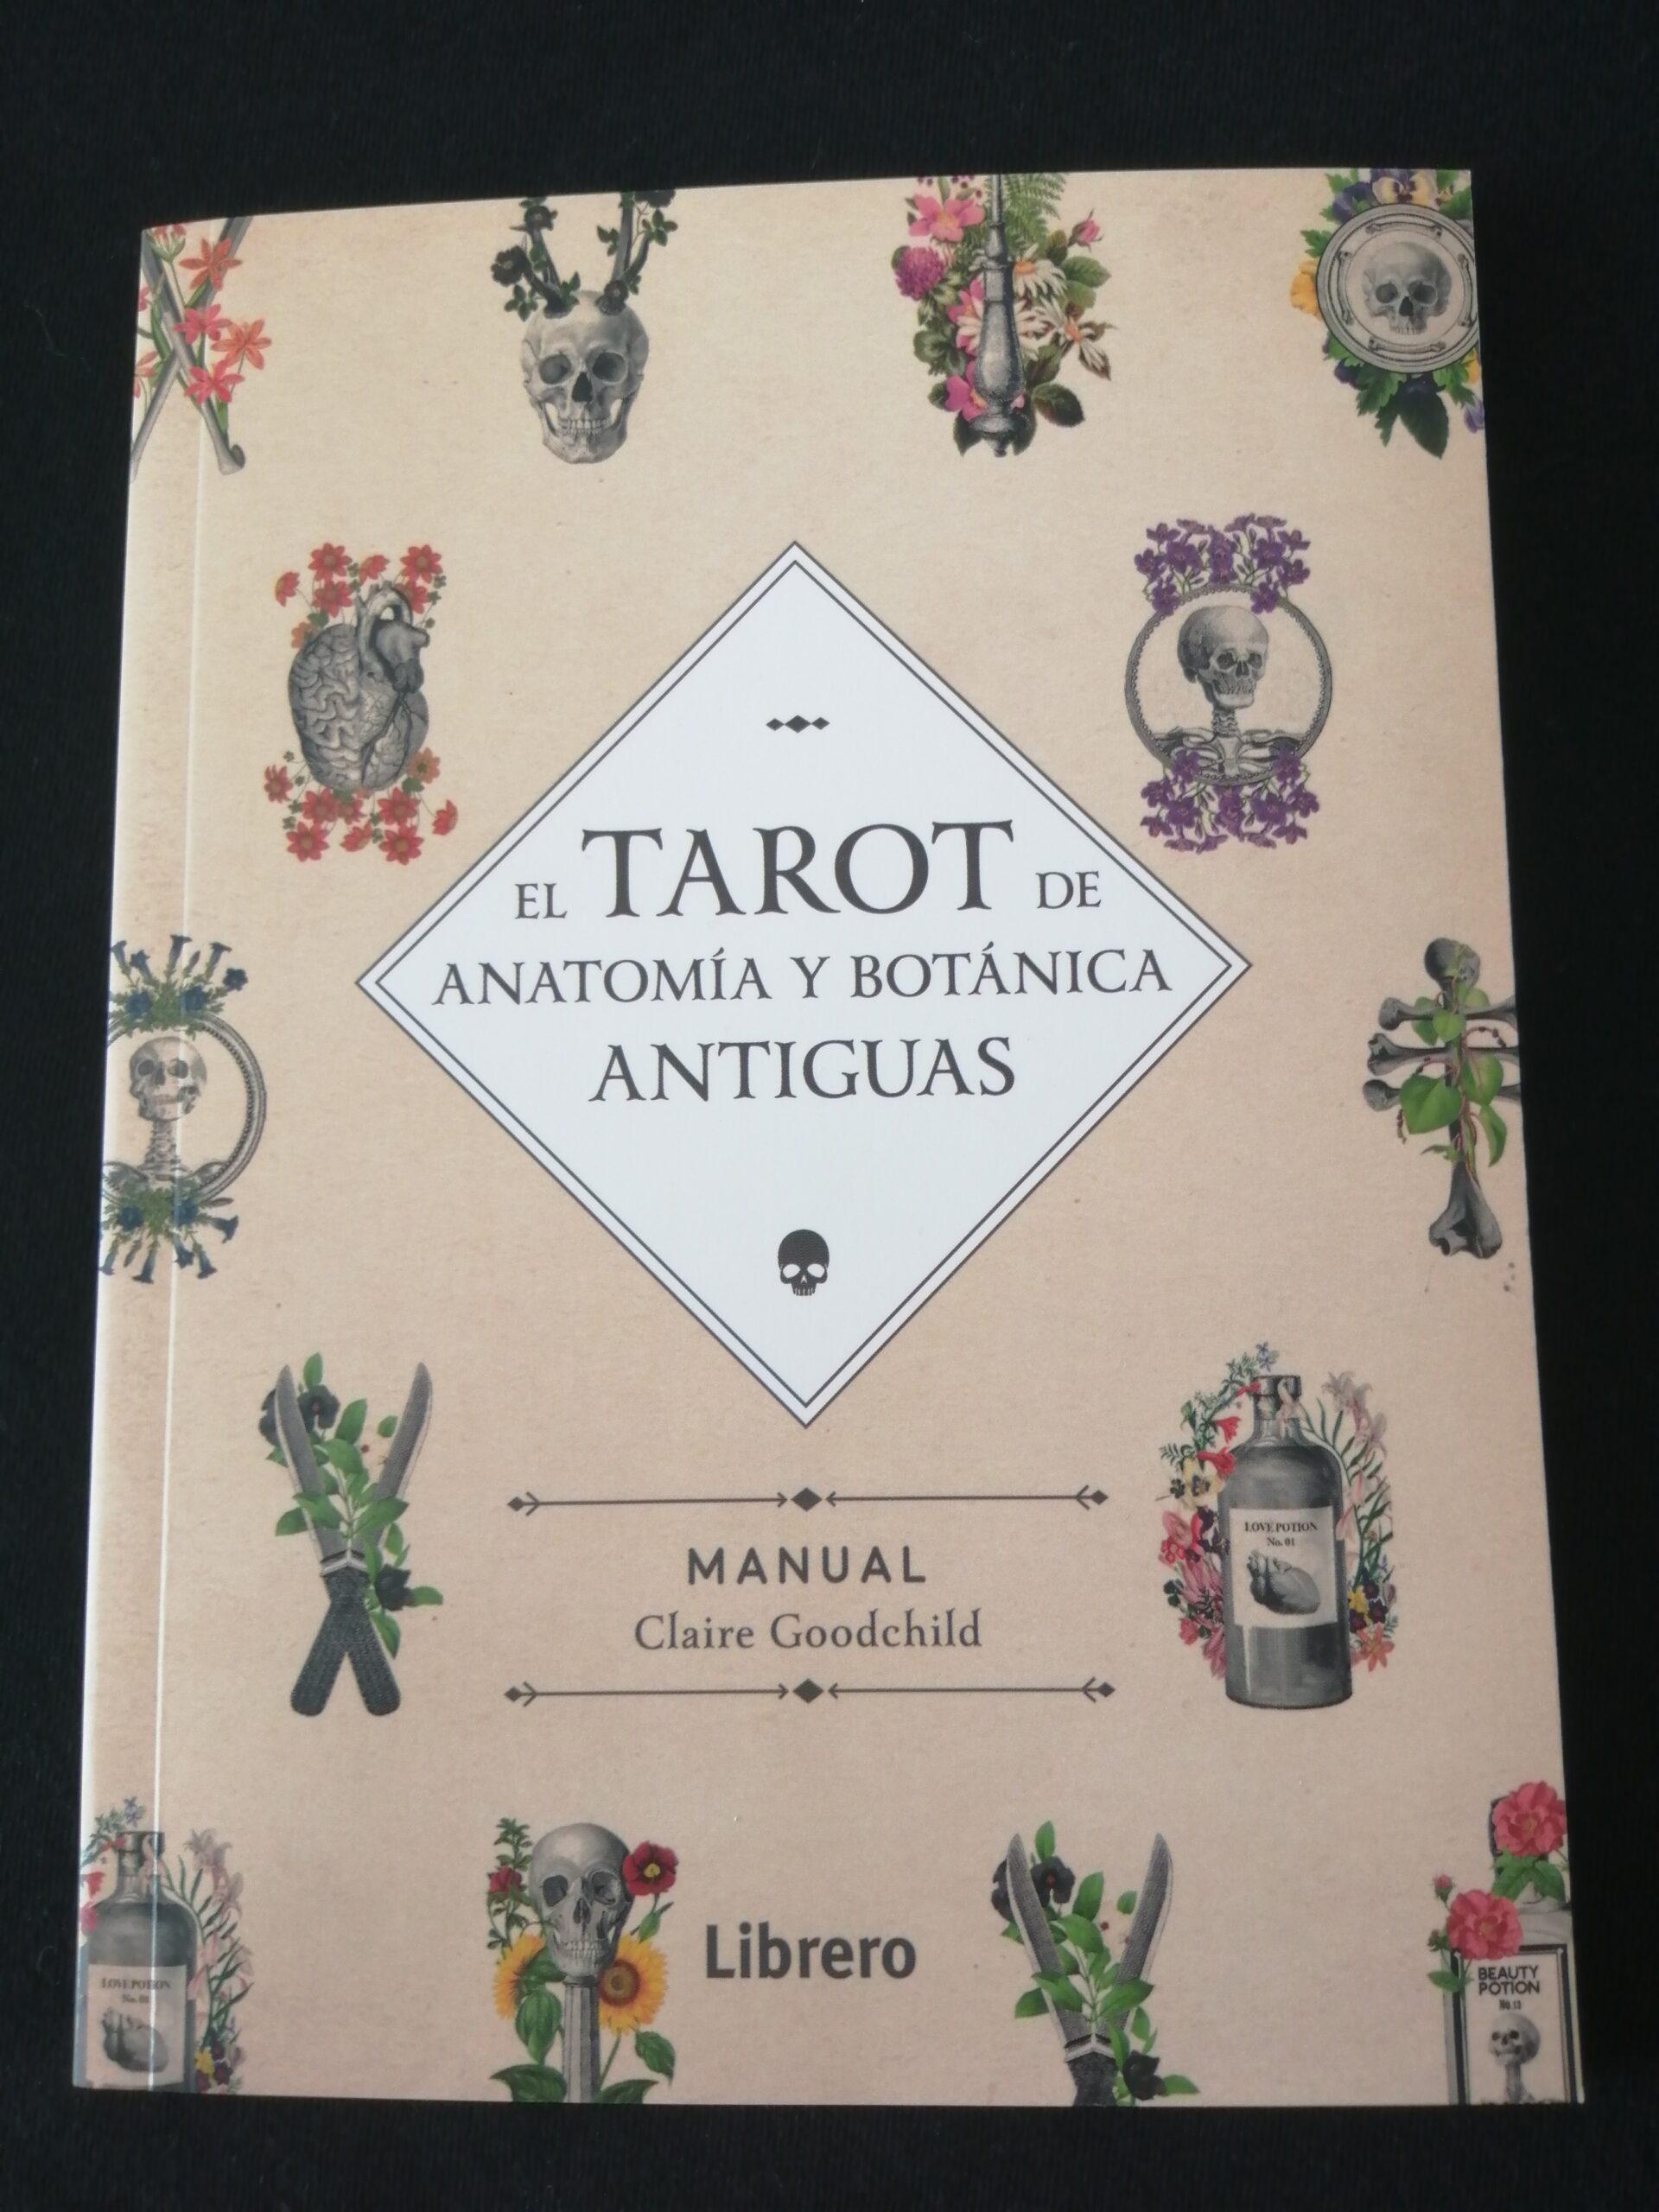 Tarot-anatomia-botanica-adivinacion-mancias